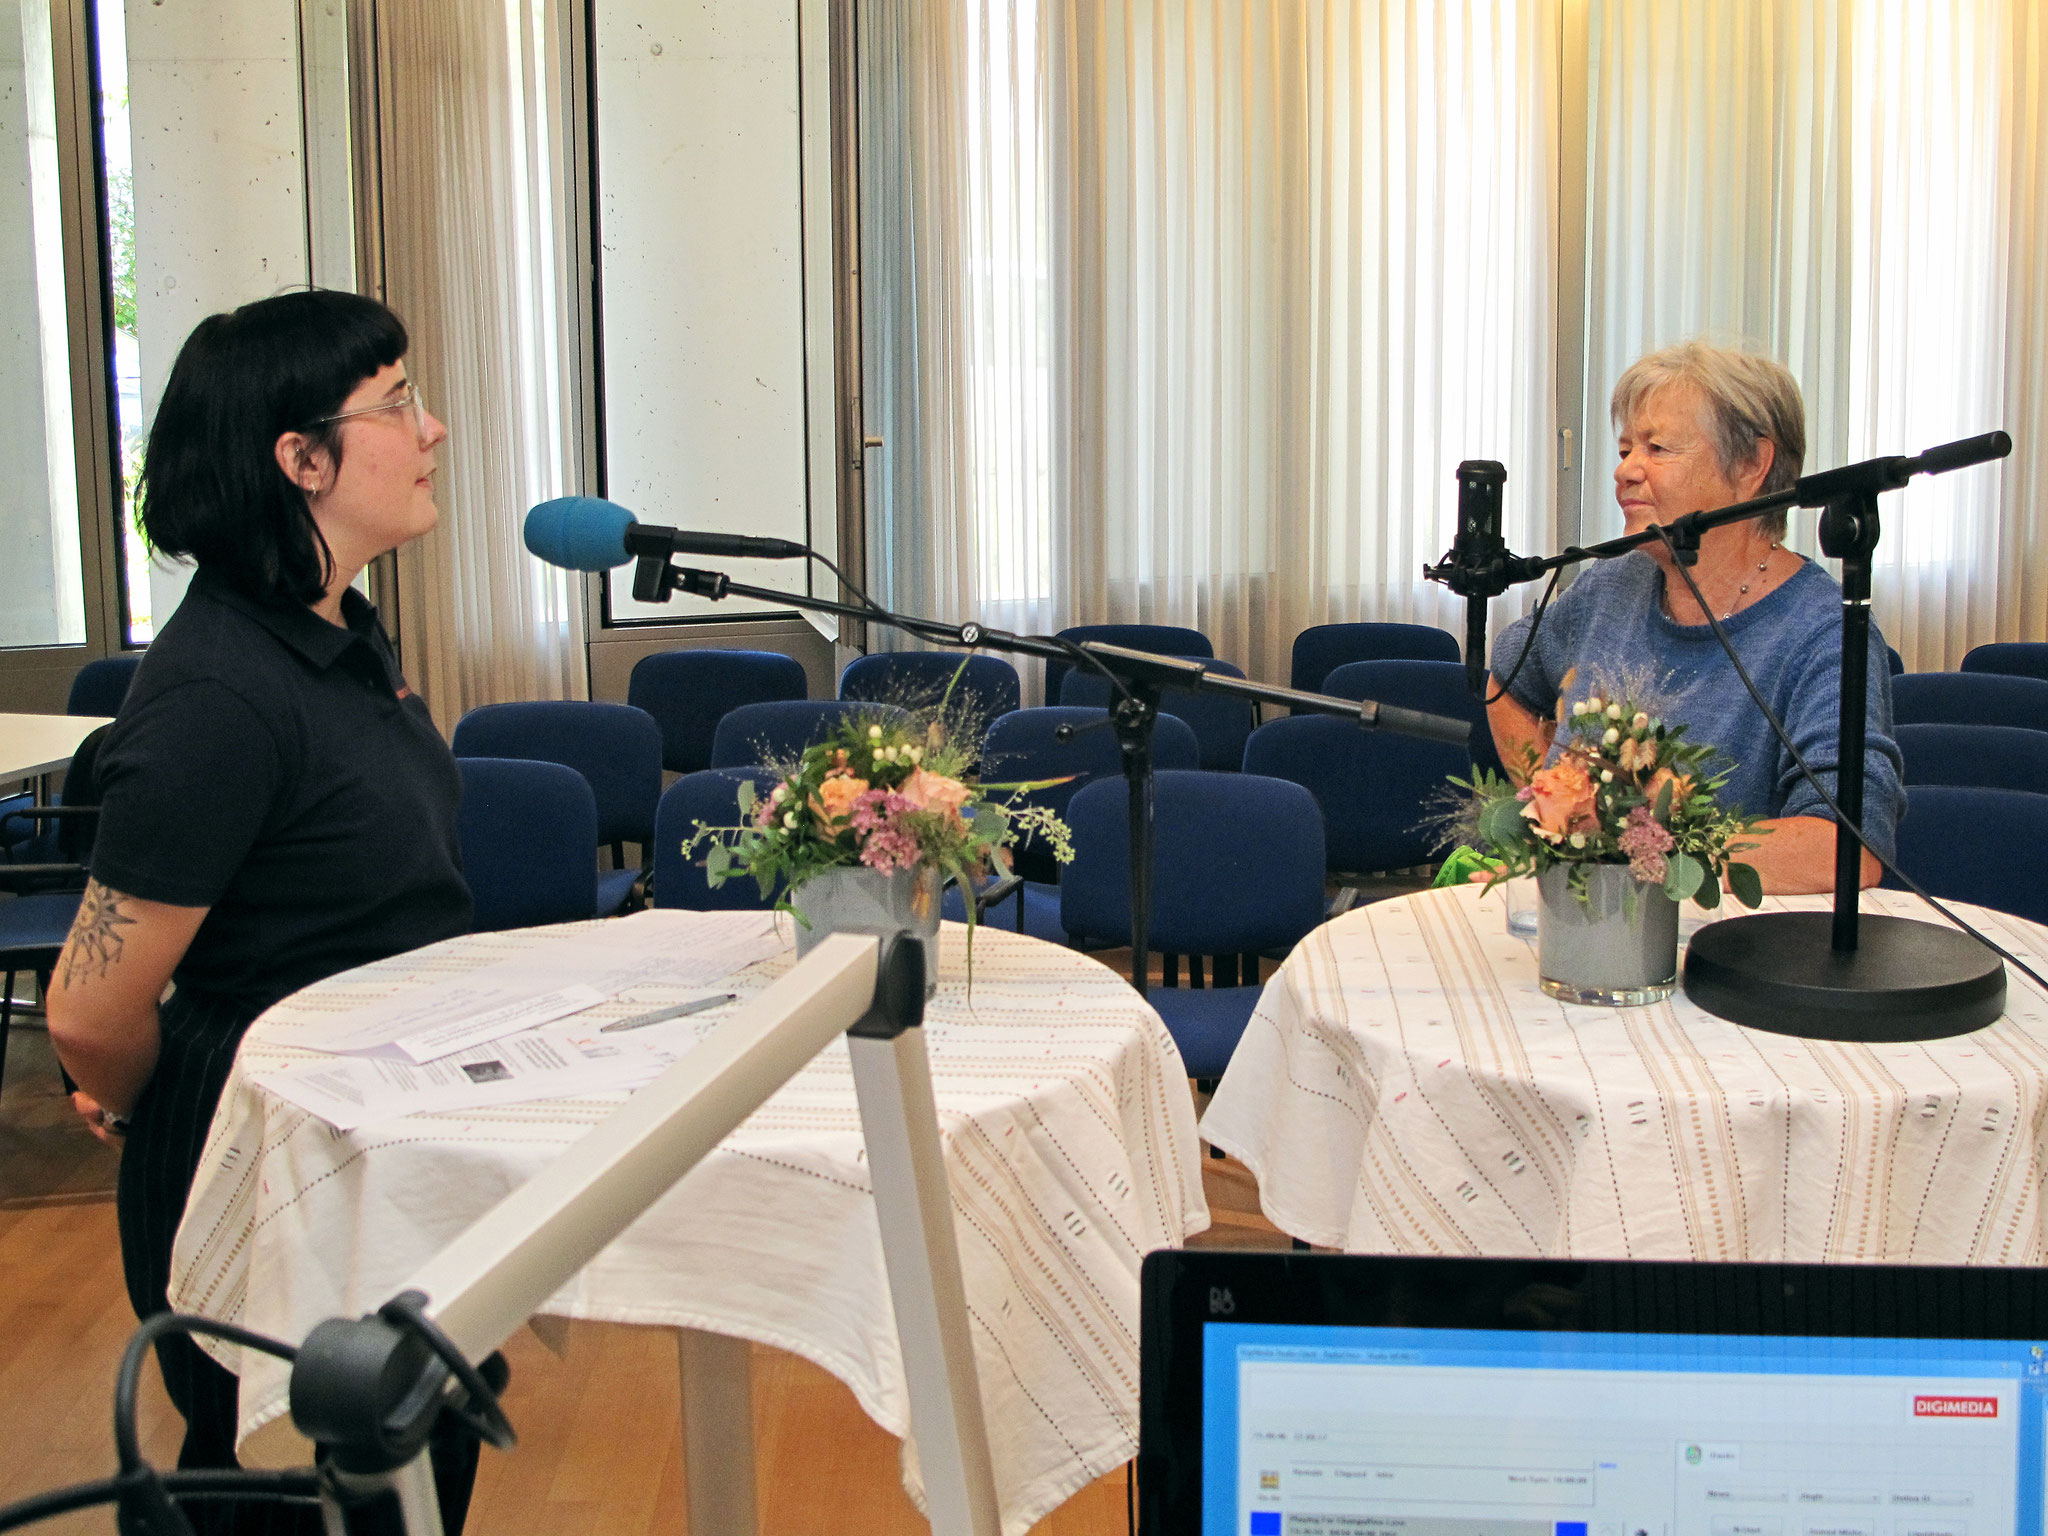 Katharina Merz erzählt Friedensgeschichten